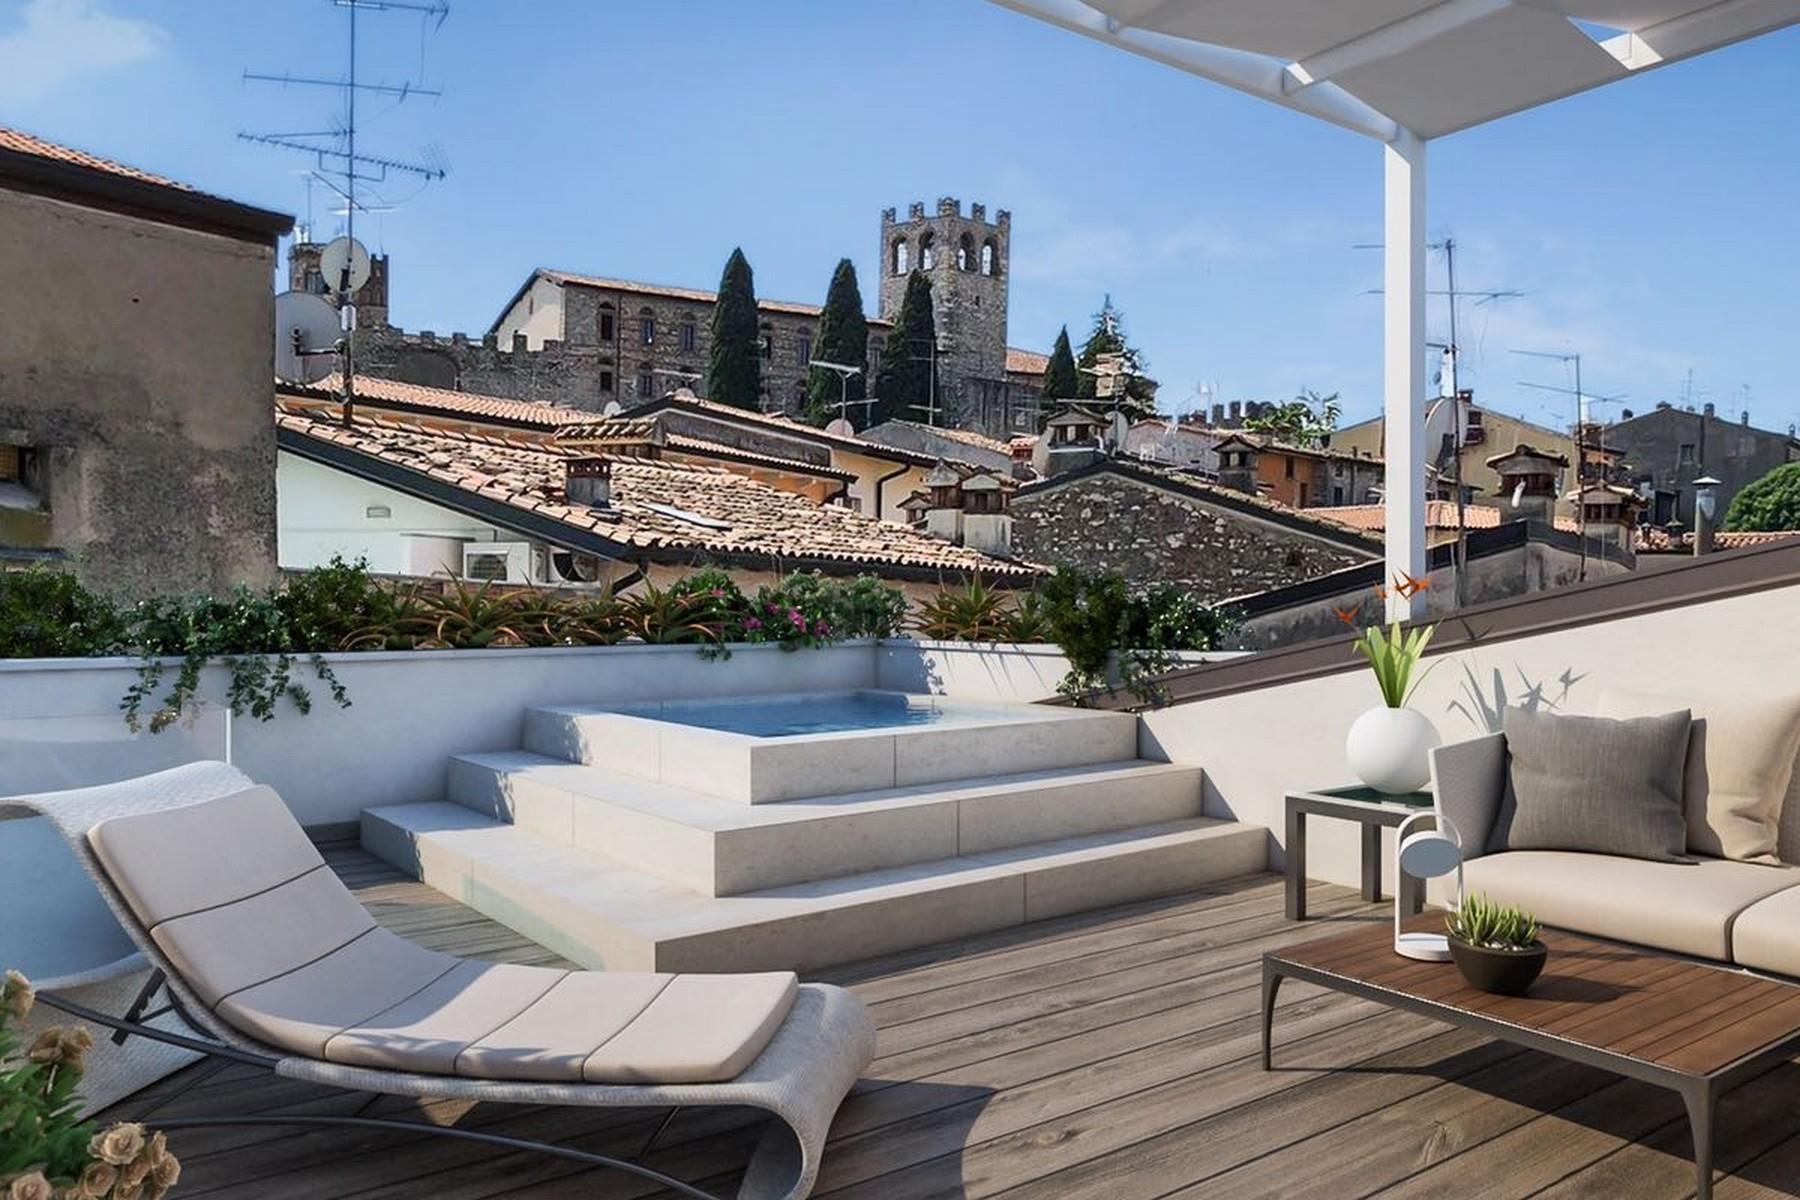 Magnifique penthouse dans un bâtiment historique au coeur de Desenzano del Garda - 9